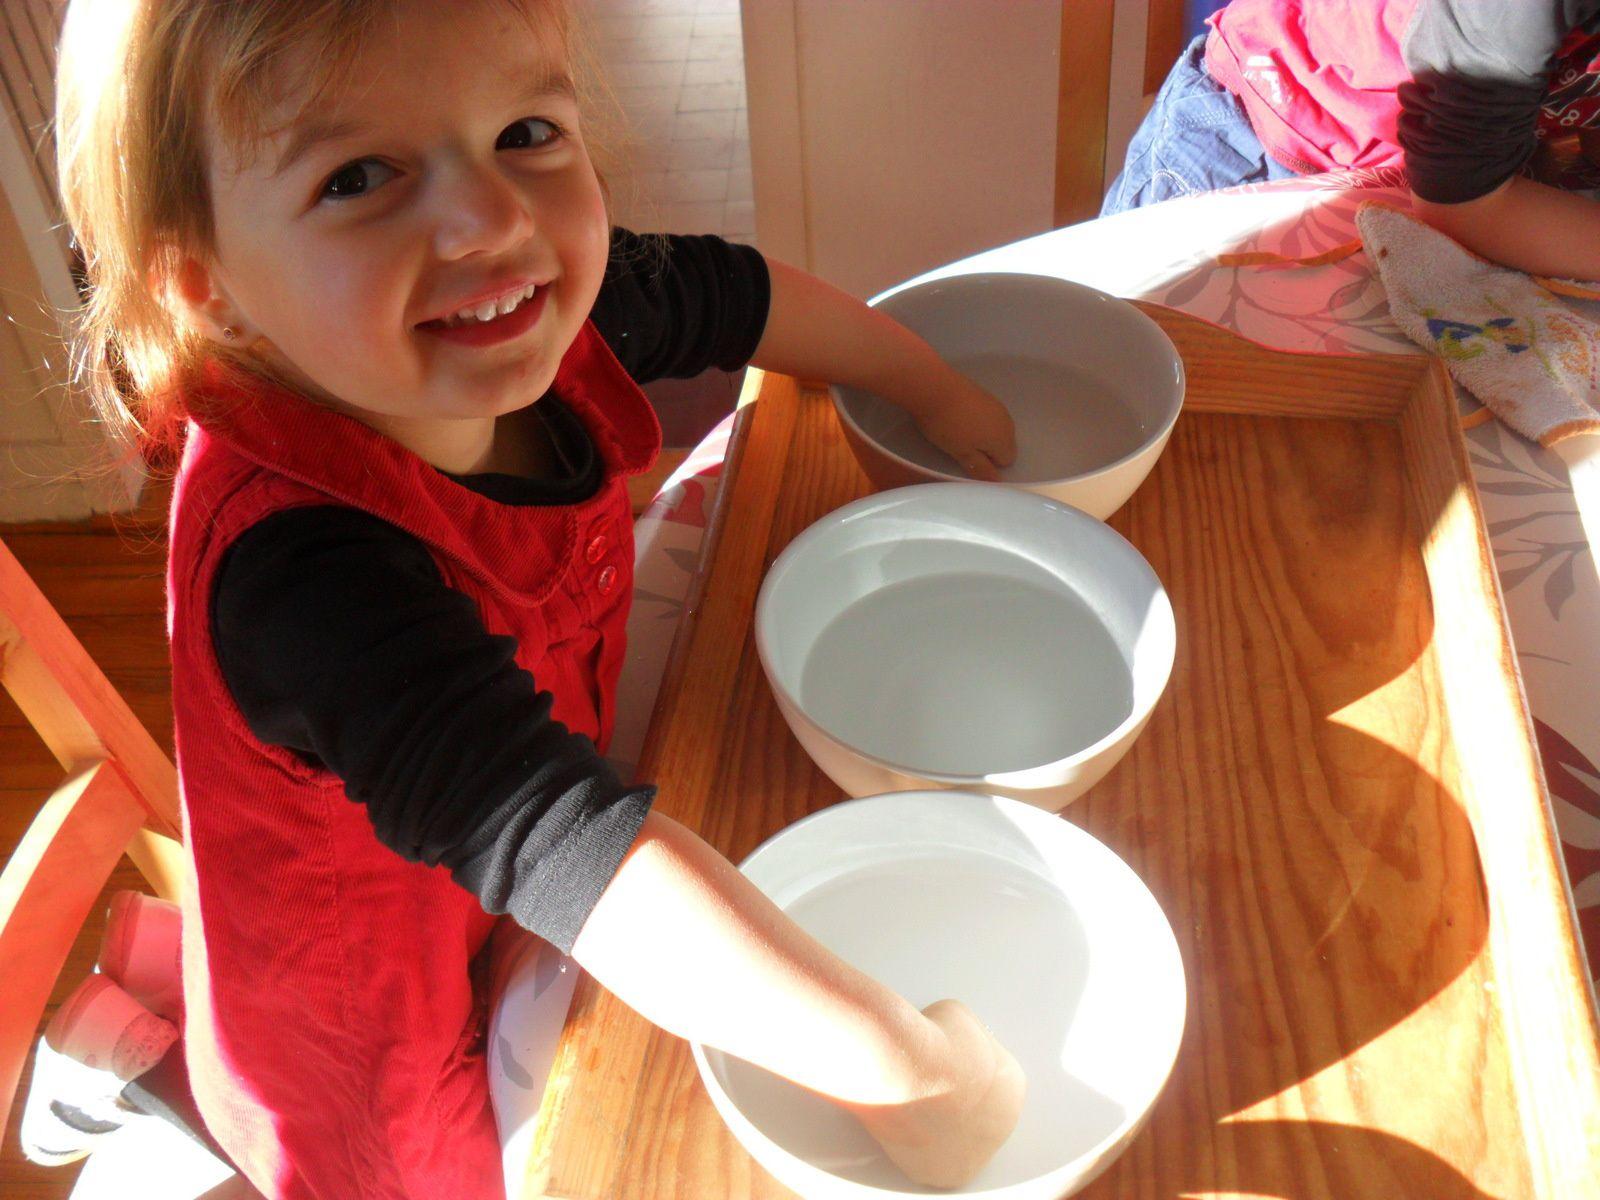 Autre expérience proposée par le jeu : remplir un bol avec de l'eau très froide (celui de gauche), et un bol avec de l'eau très chaude (pas brûlante, celui de droite). Au milieu, mettre un bol avec de l'eau tiède. Mettre les mains dans les bols de gauche et de droite pendant 30 secondes. (C'est Alana qui a compté jusqu'à 30 pour ses frères et pour elle. Cela m'a permis de voir qu'elle en est capable). Ensuite, mettre les deux mains en même temps dans le bol d'eau tiède du milieu. Que ressent-on? Avec la main gauche, celle qui était dans le bol d'eau froide, on a l'impression que l'eau est chaude. Avec la main droite, qui était dans l'eau chaude, on a l'impression que l'eau tiède du bol est froide. Notre peau s'était habituée à la température de l'eau dans laquelle elle se trouvait.